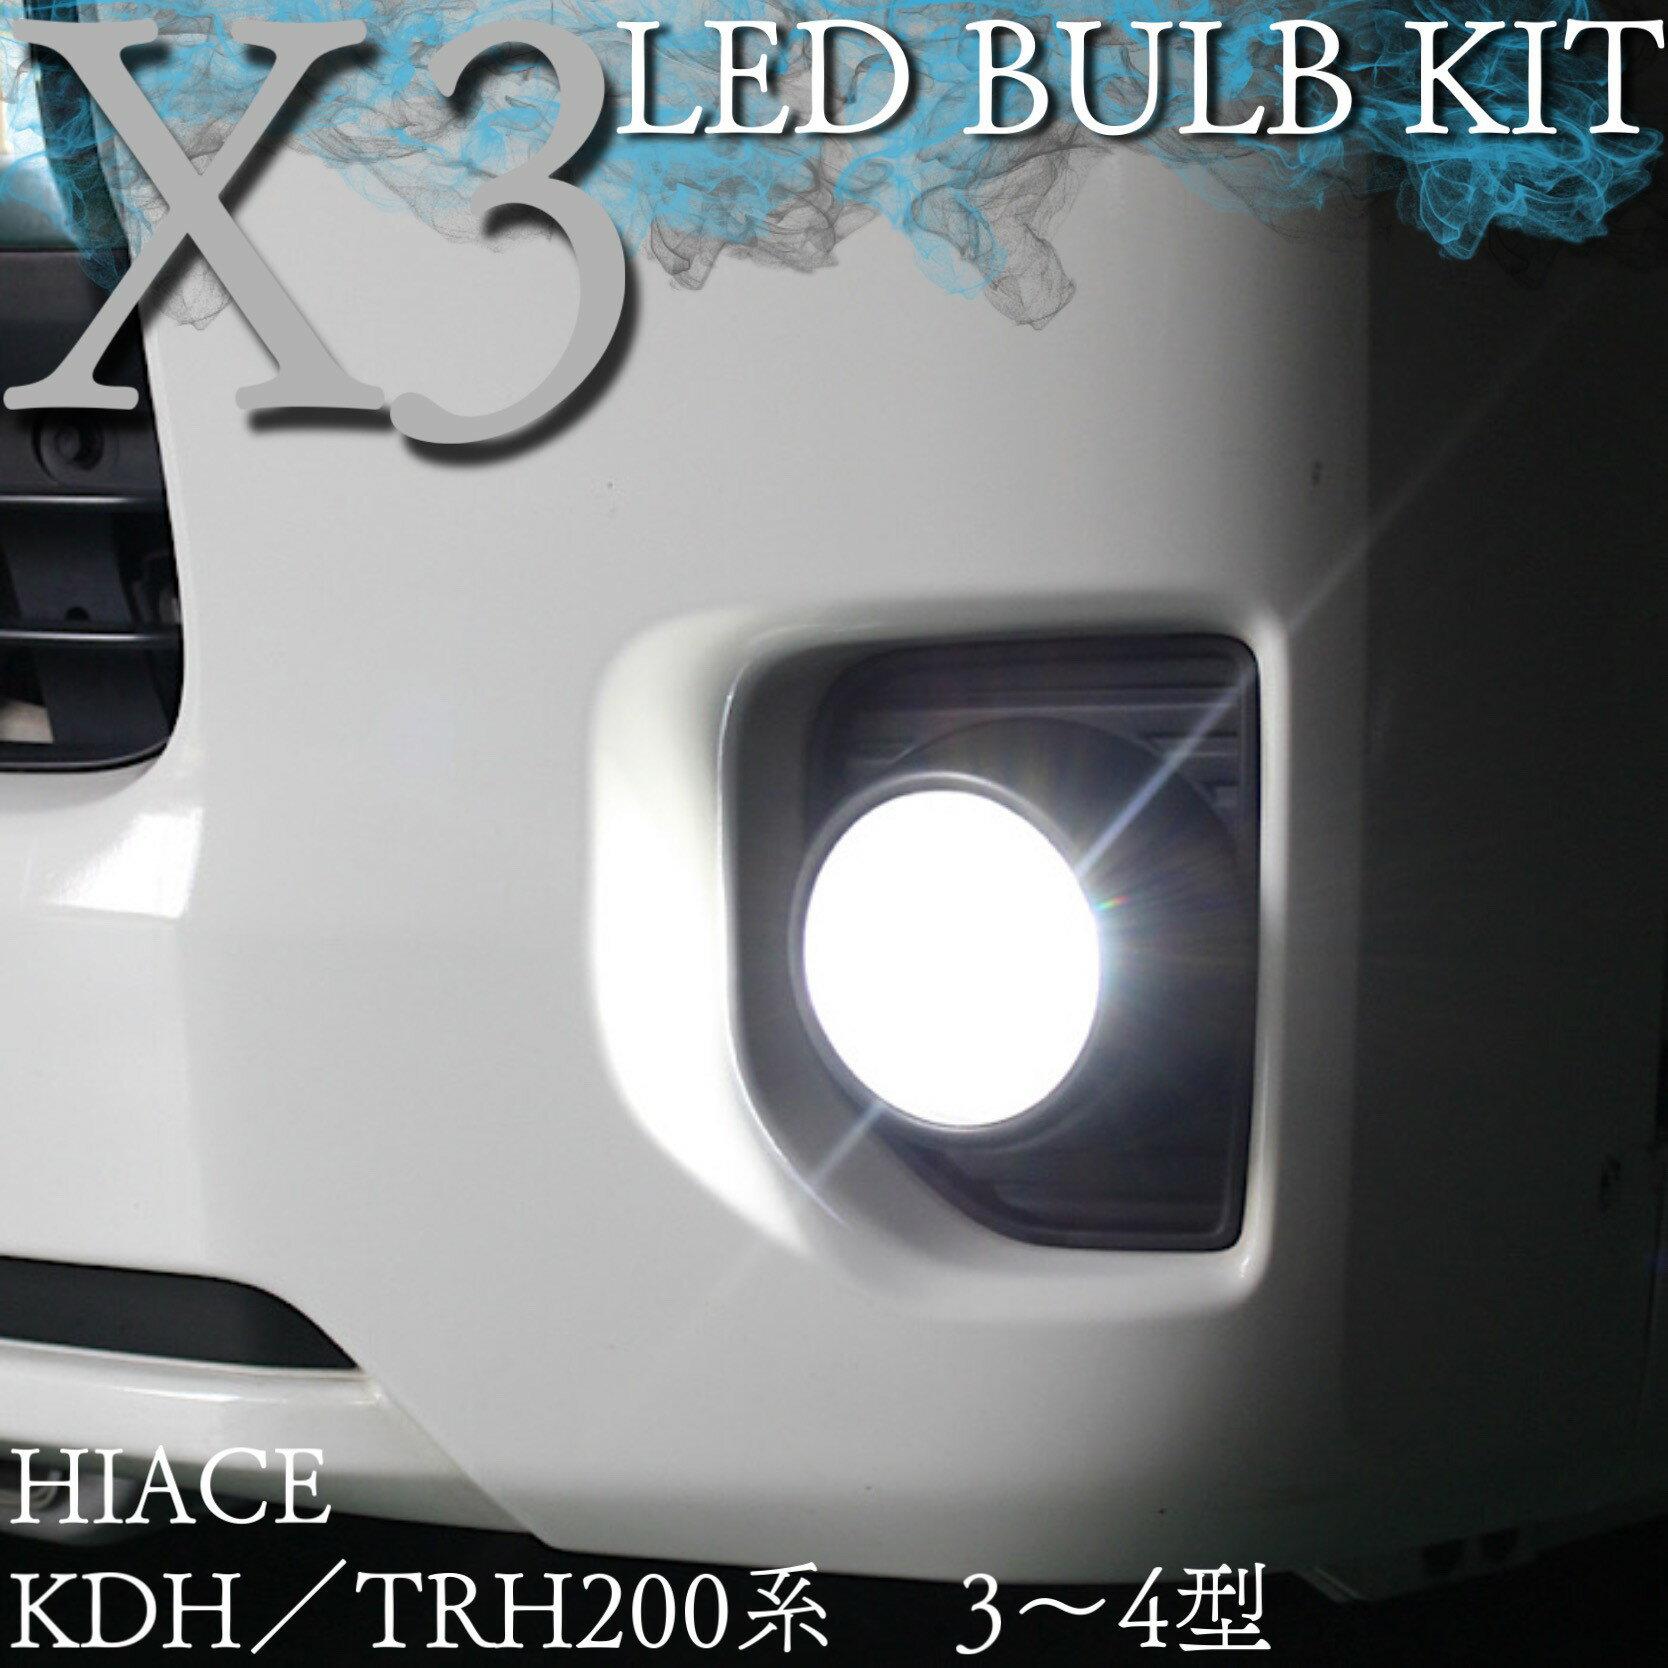 ライト・ランプ, フォグランプ・デイランプ  HIACE KDH TRH 200 3 4 X3 LED FOG LIGHT 6000LM LED led